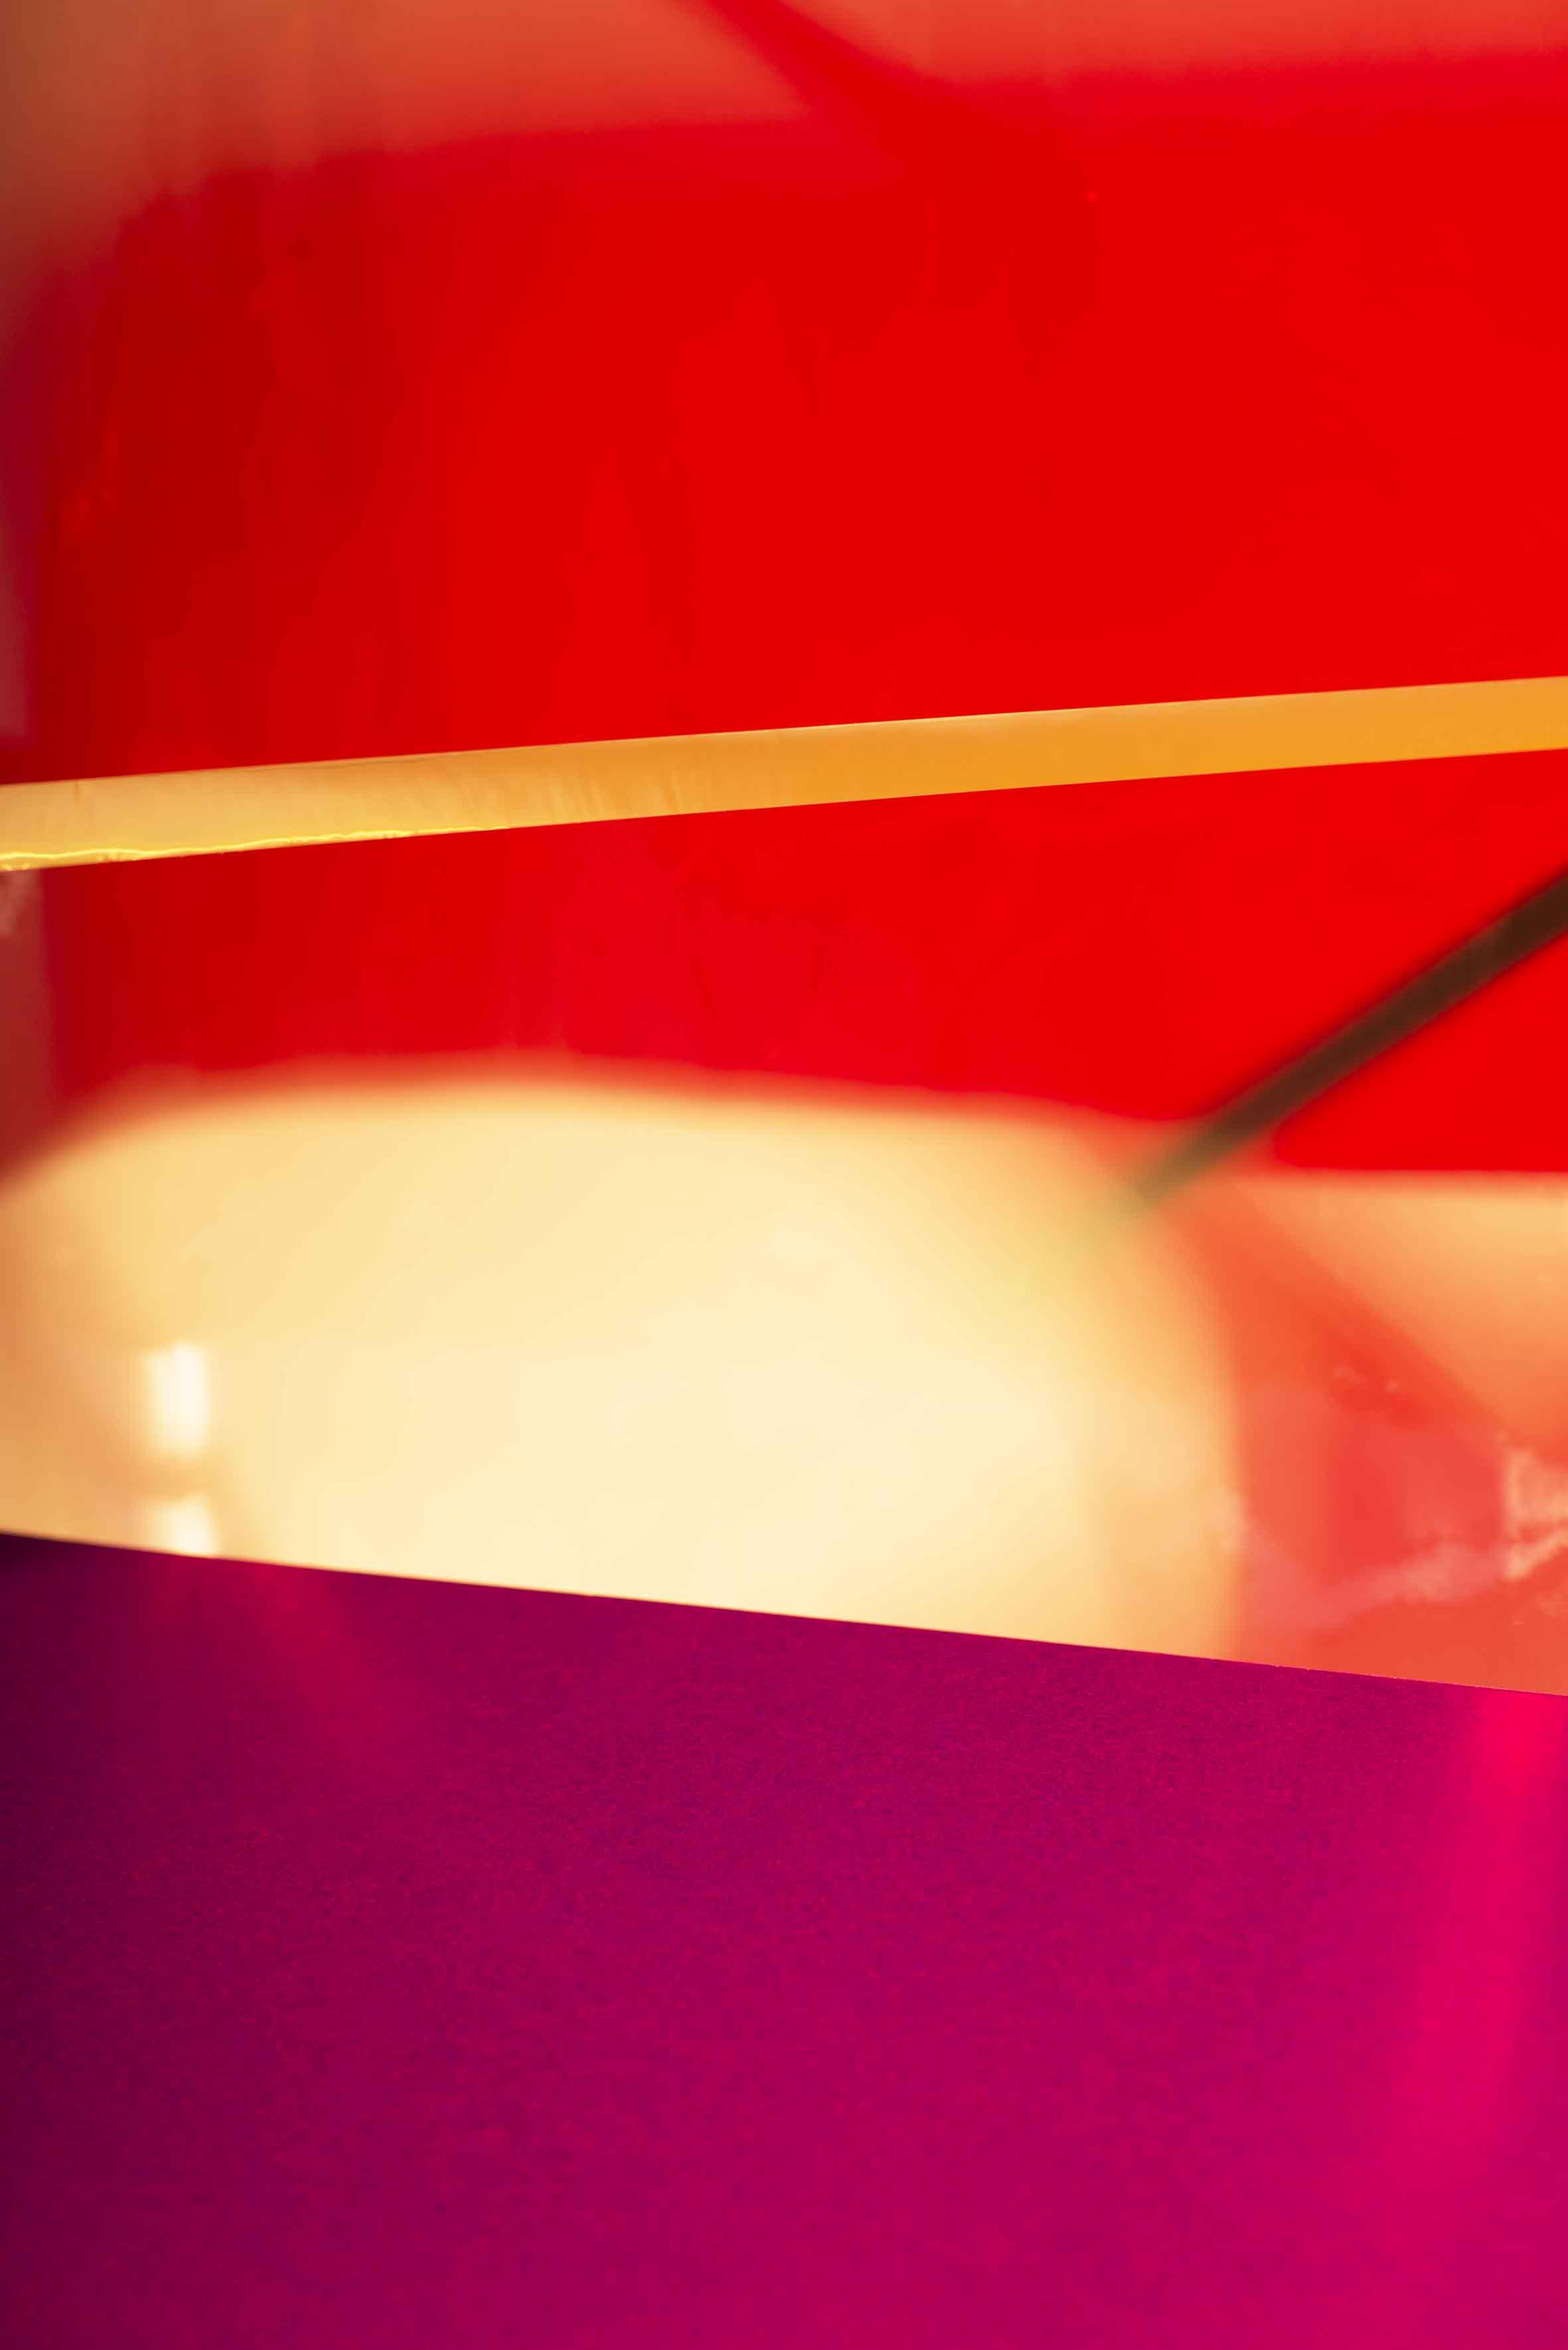 LYDIA WEGNER   Sunset Red  2015 Archival Inkjet Print 78 x 52 cm